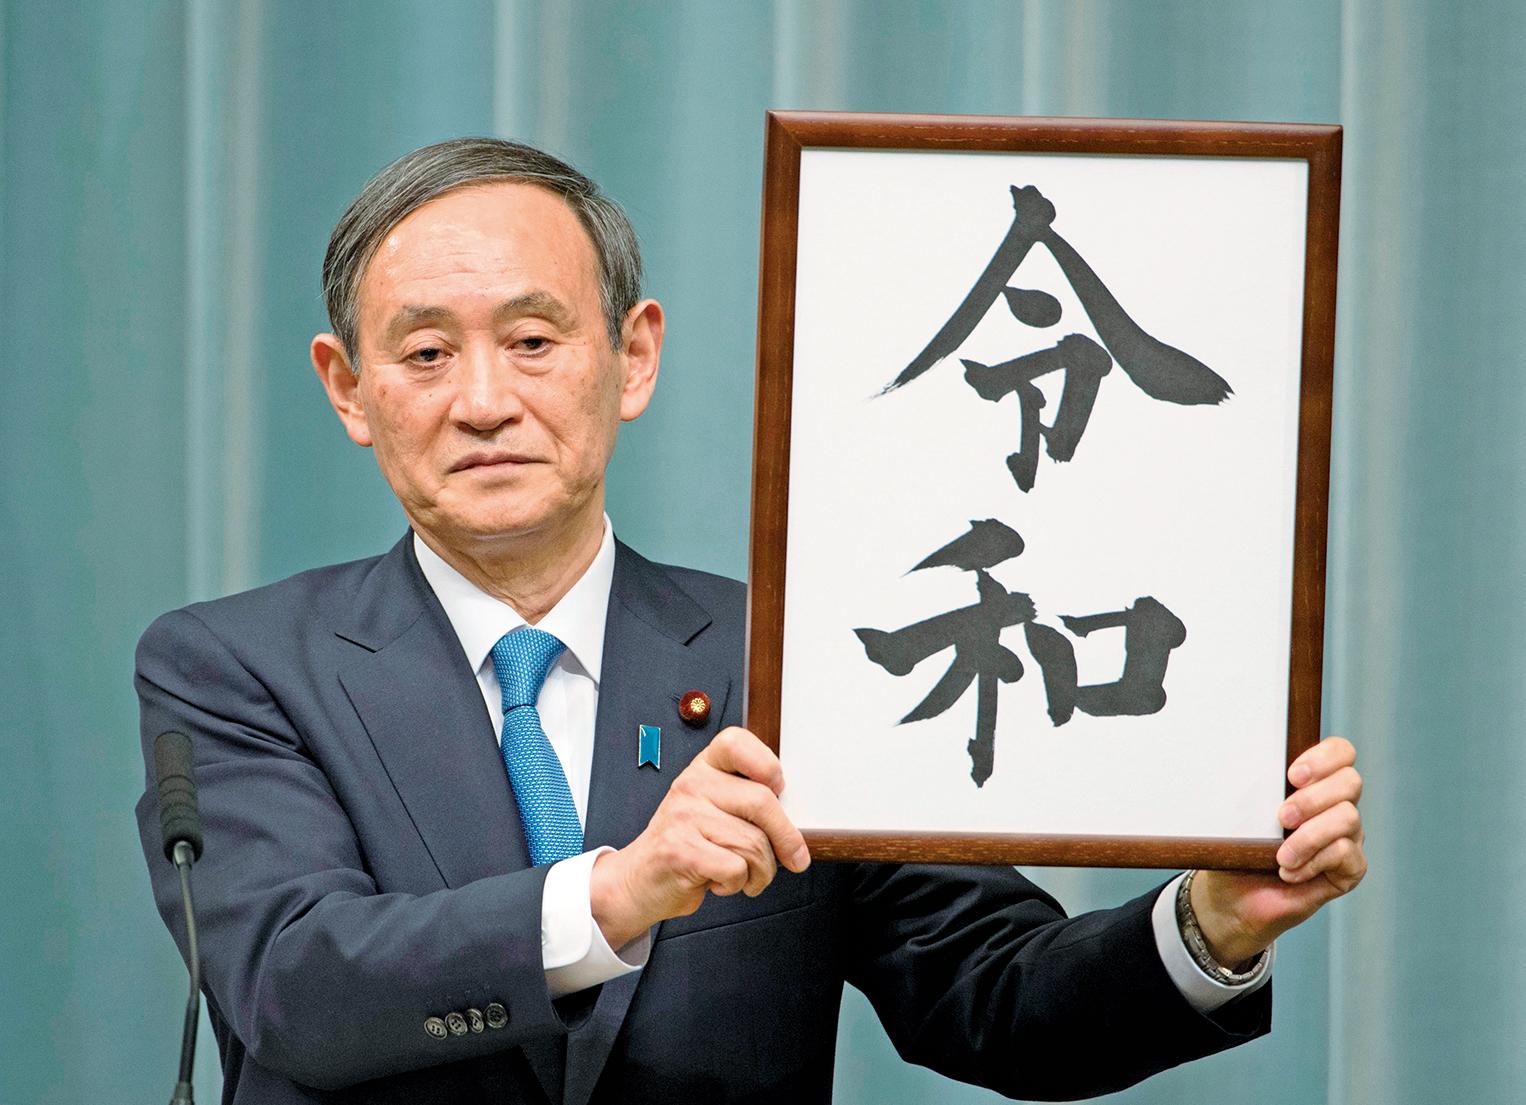 日本內閣官房長官菅義偉4月1日上午11時35分公佈新年號「令和」。(AFP)